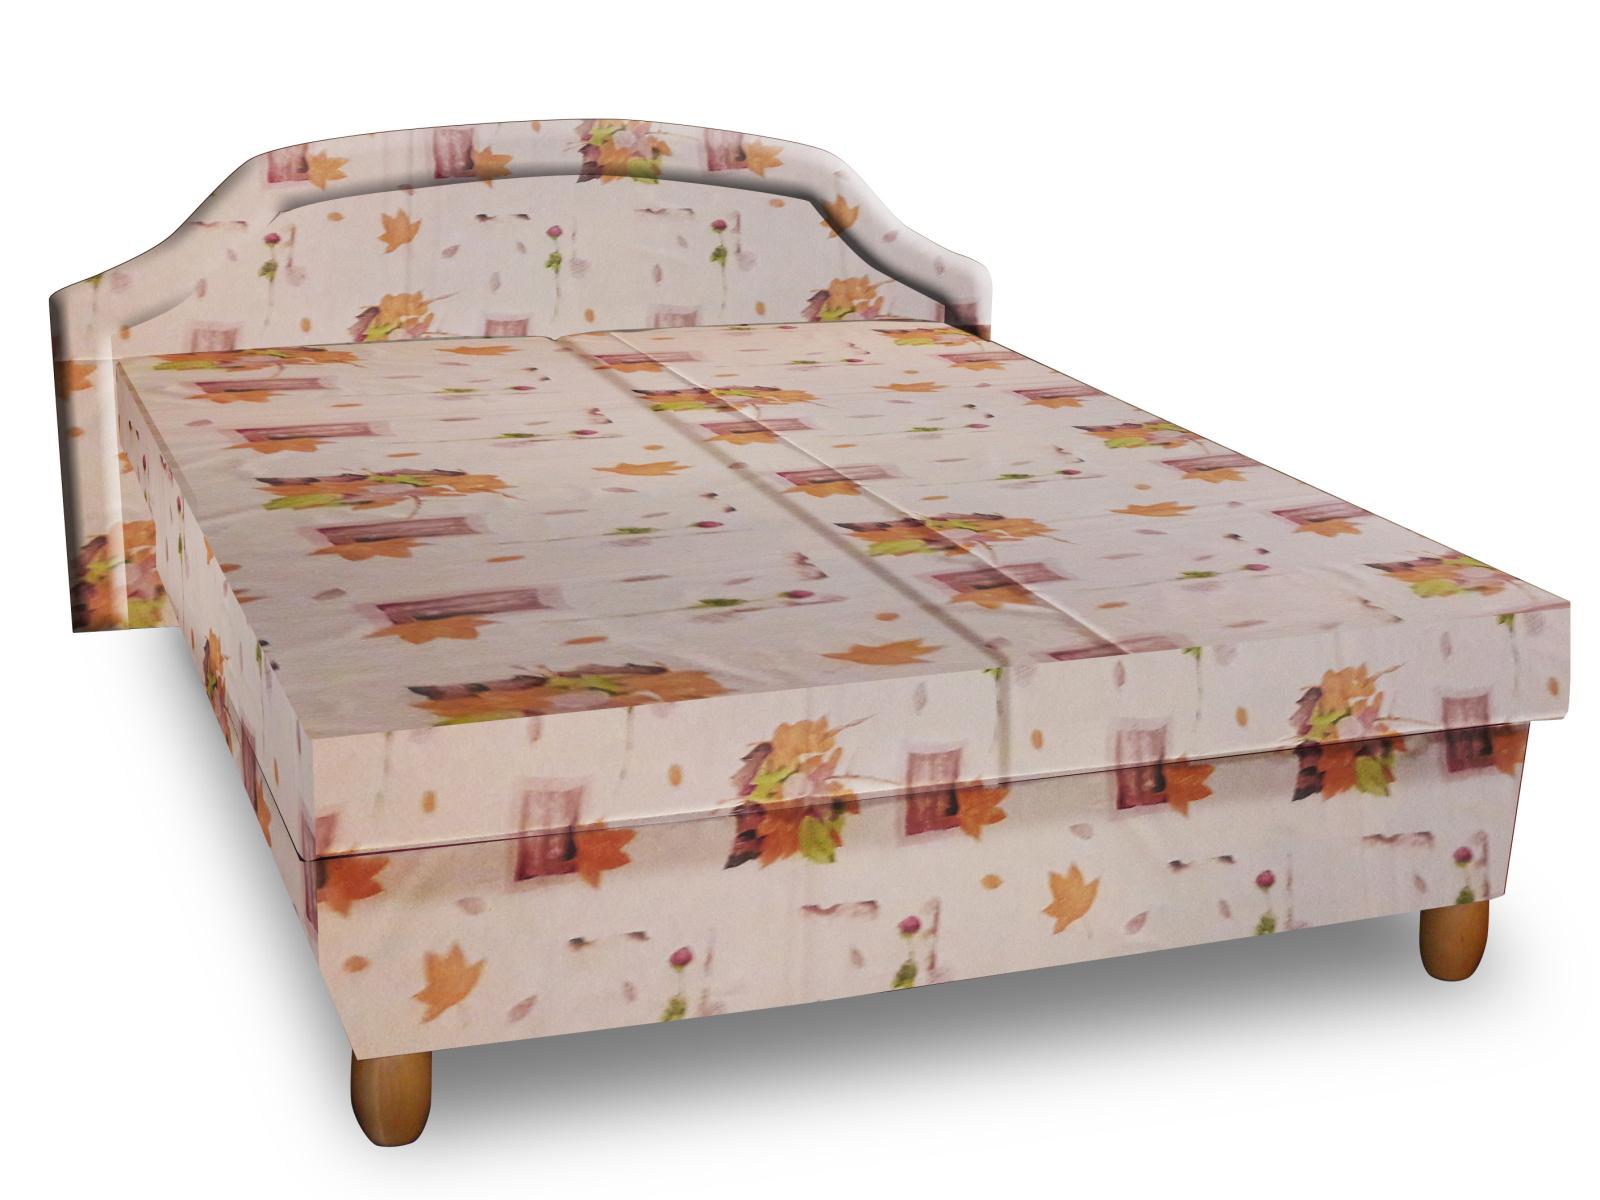 Smartshop Čalouněná postel MAGDA 120x200 cm, béžová látka